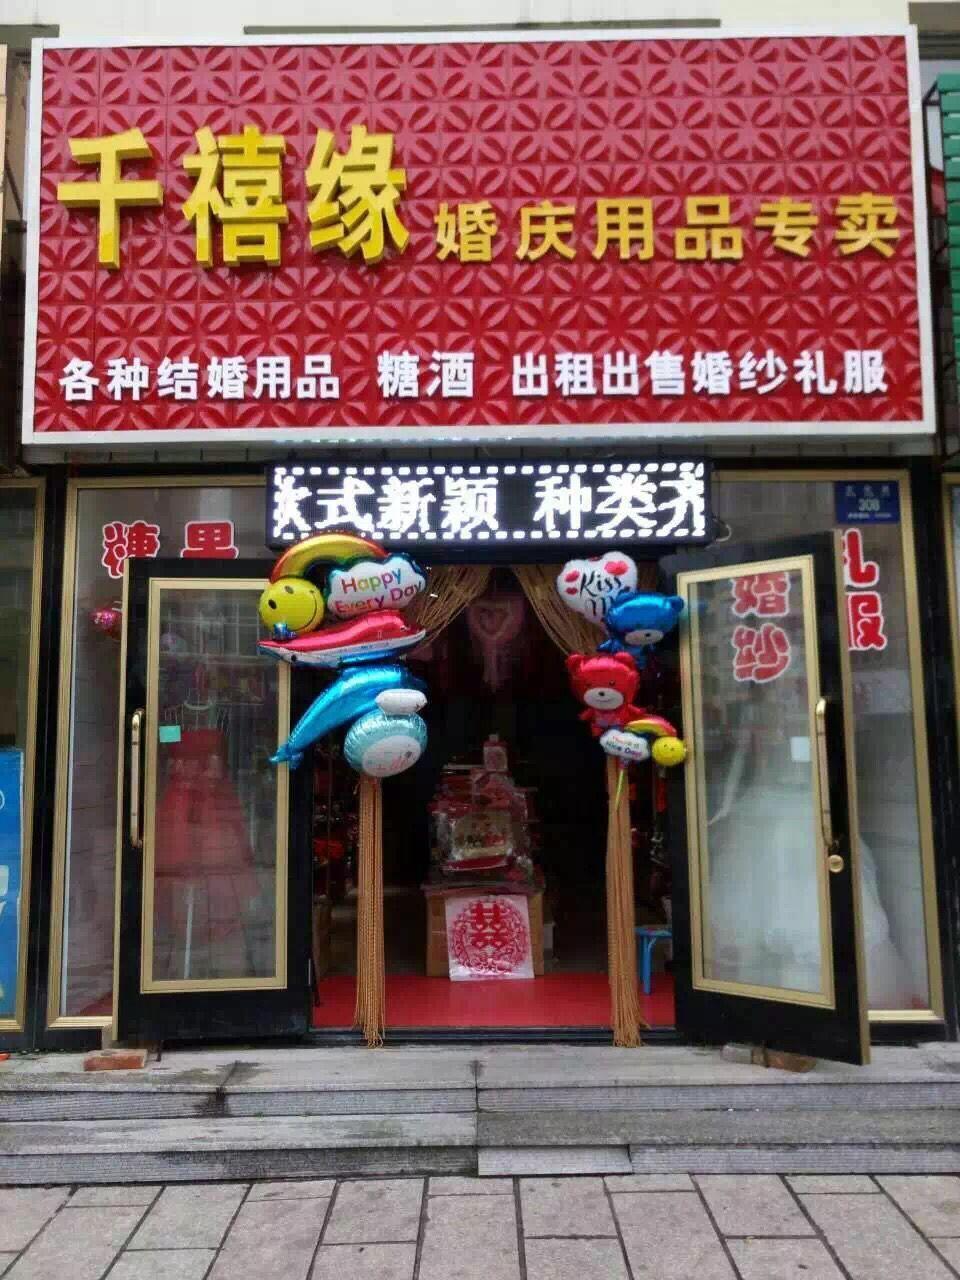 【千禧缘婚庆】一站式服务不用东奔西跑